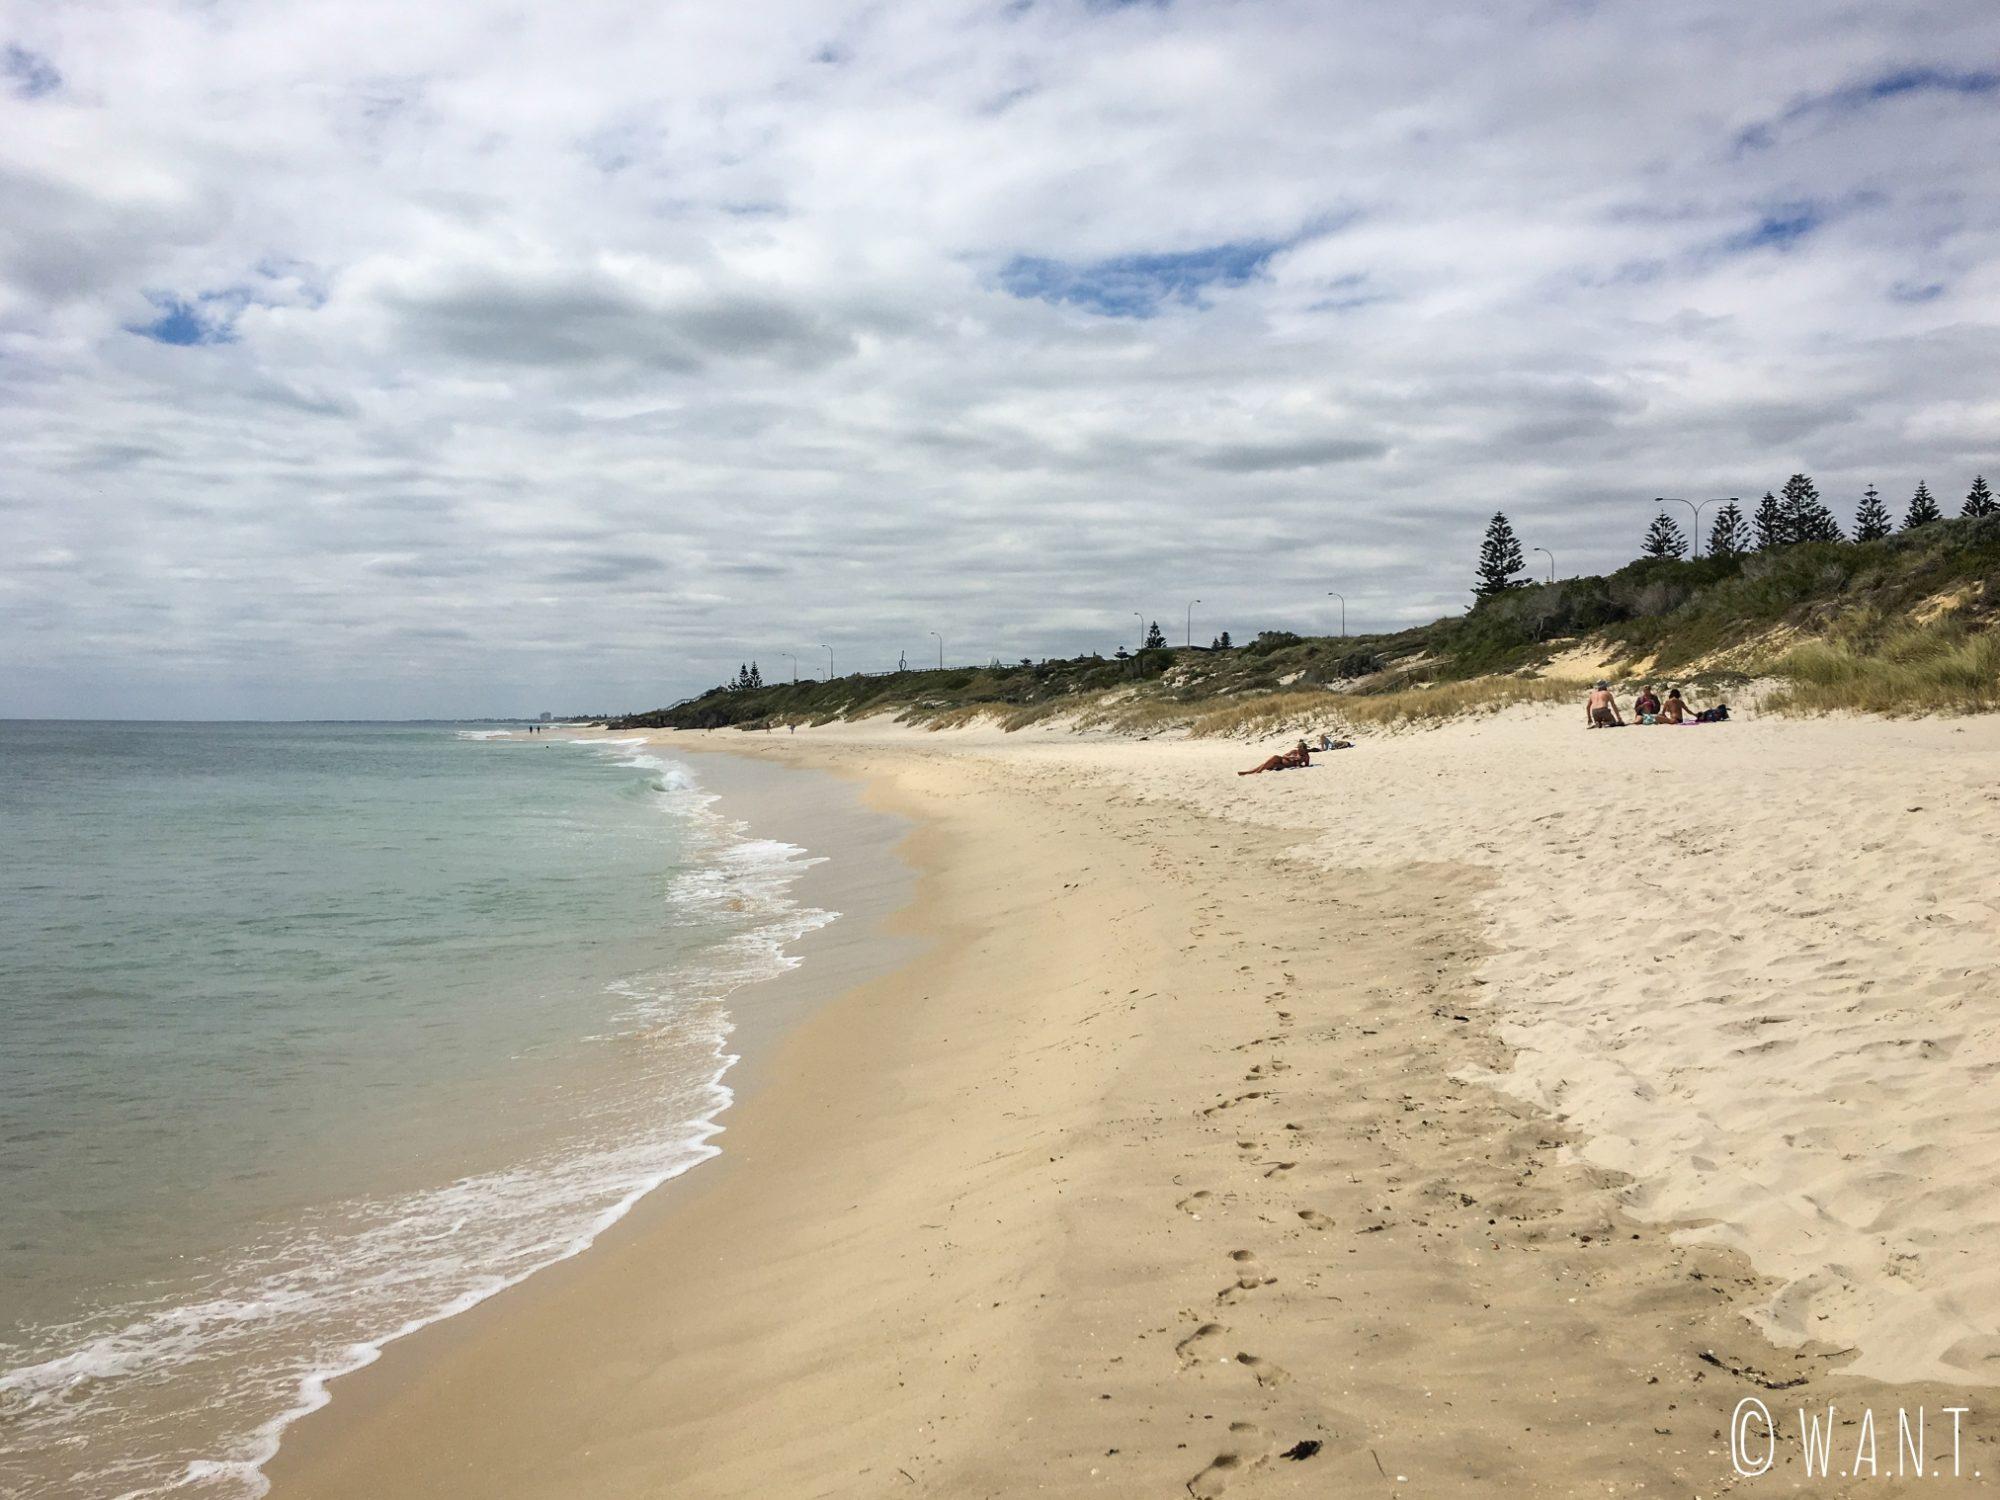 Plage de Cottesloe située au sud de Perth, vers Fremantle